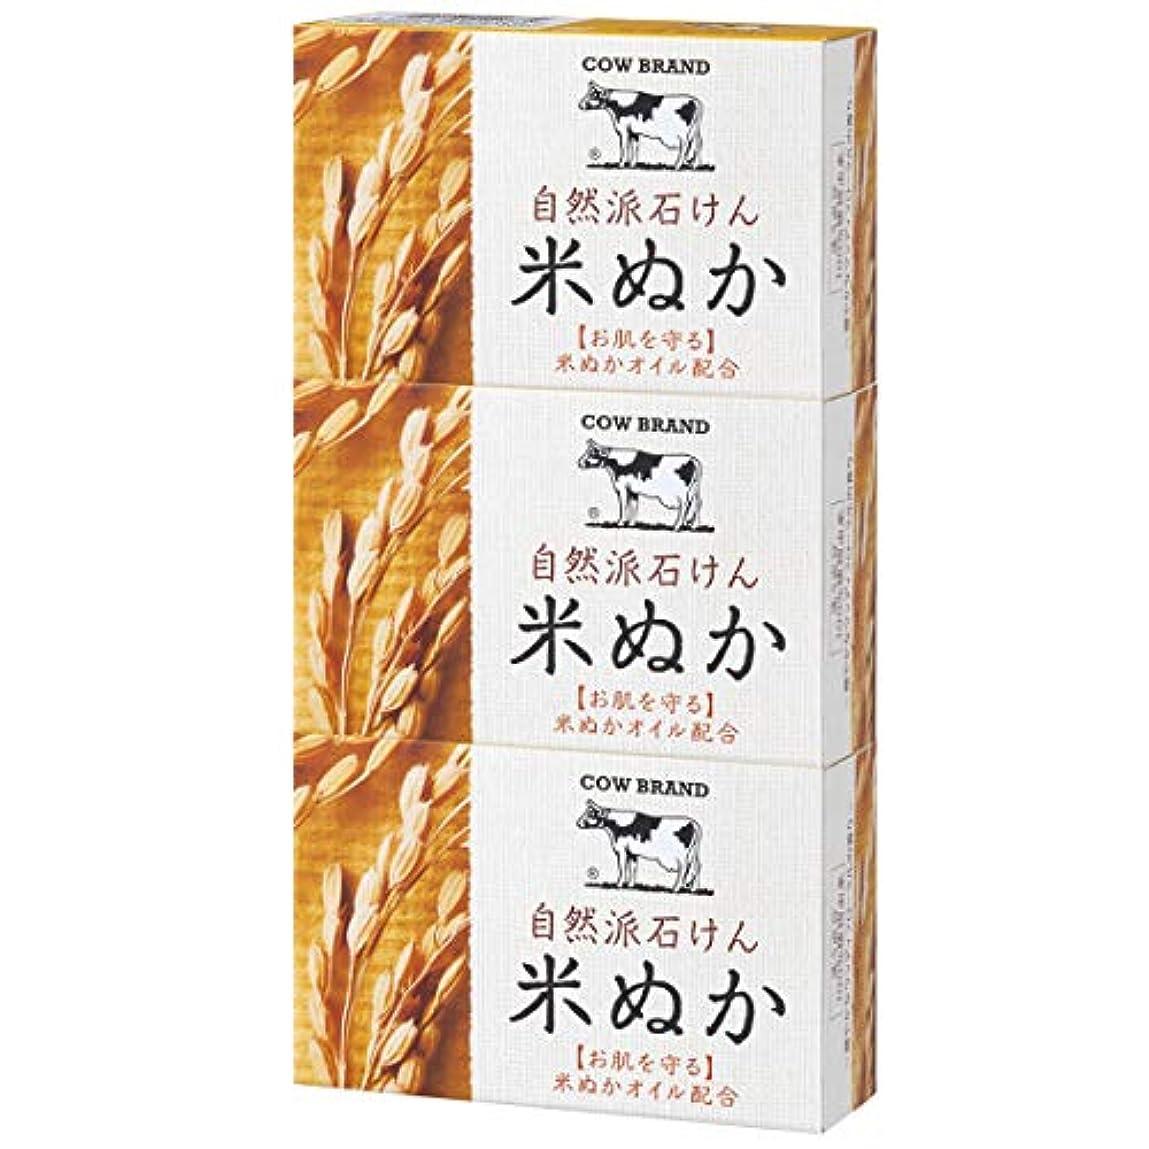 真空スズメバチ極めてカウブランド 自然派石けん 米ぬか 100g*3個